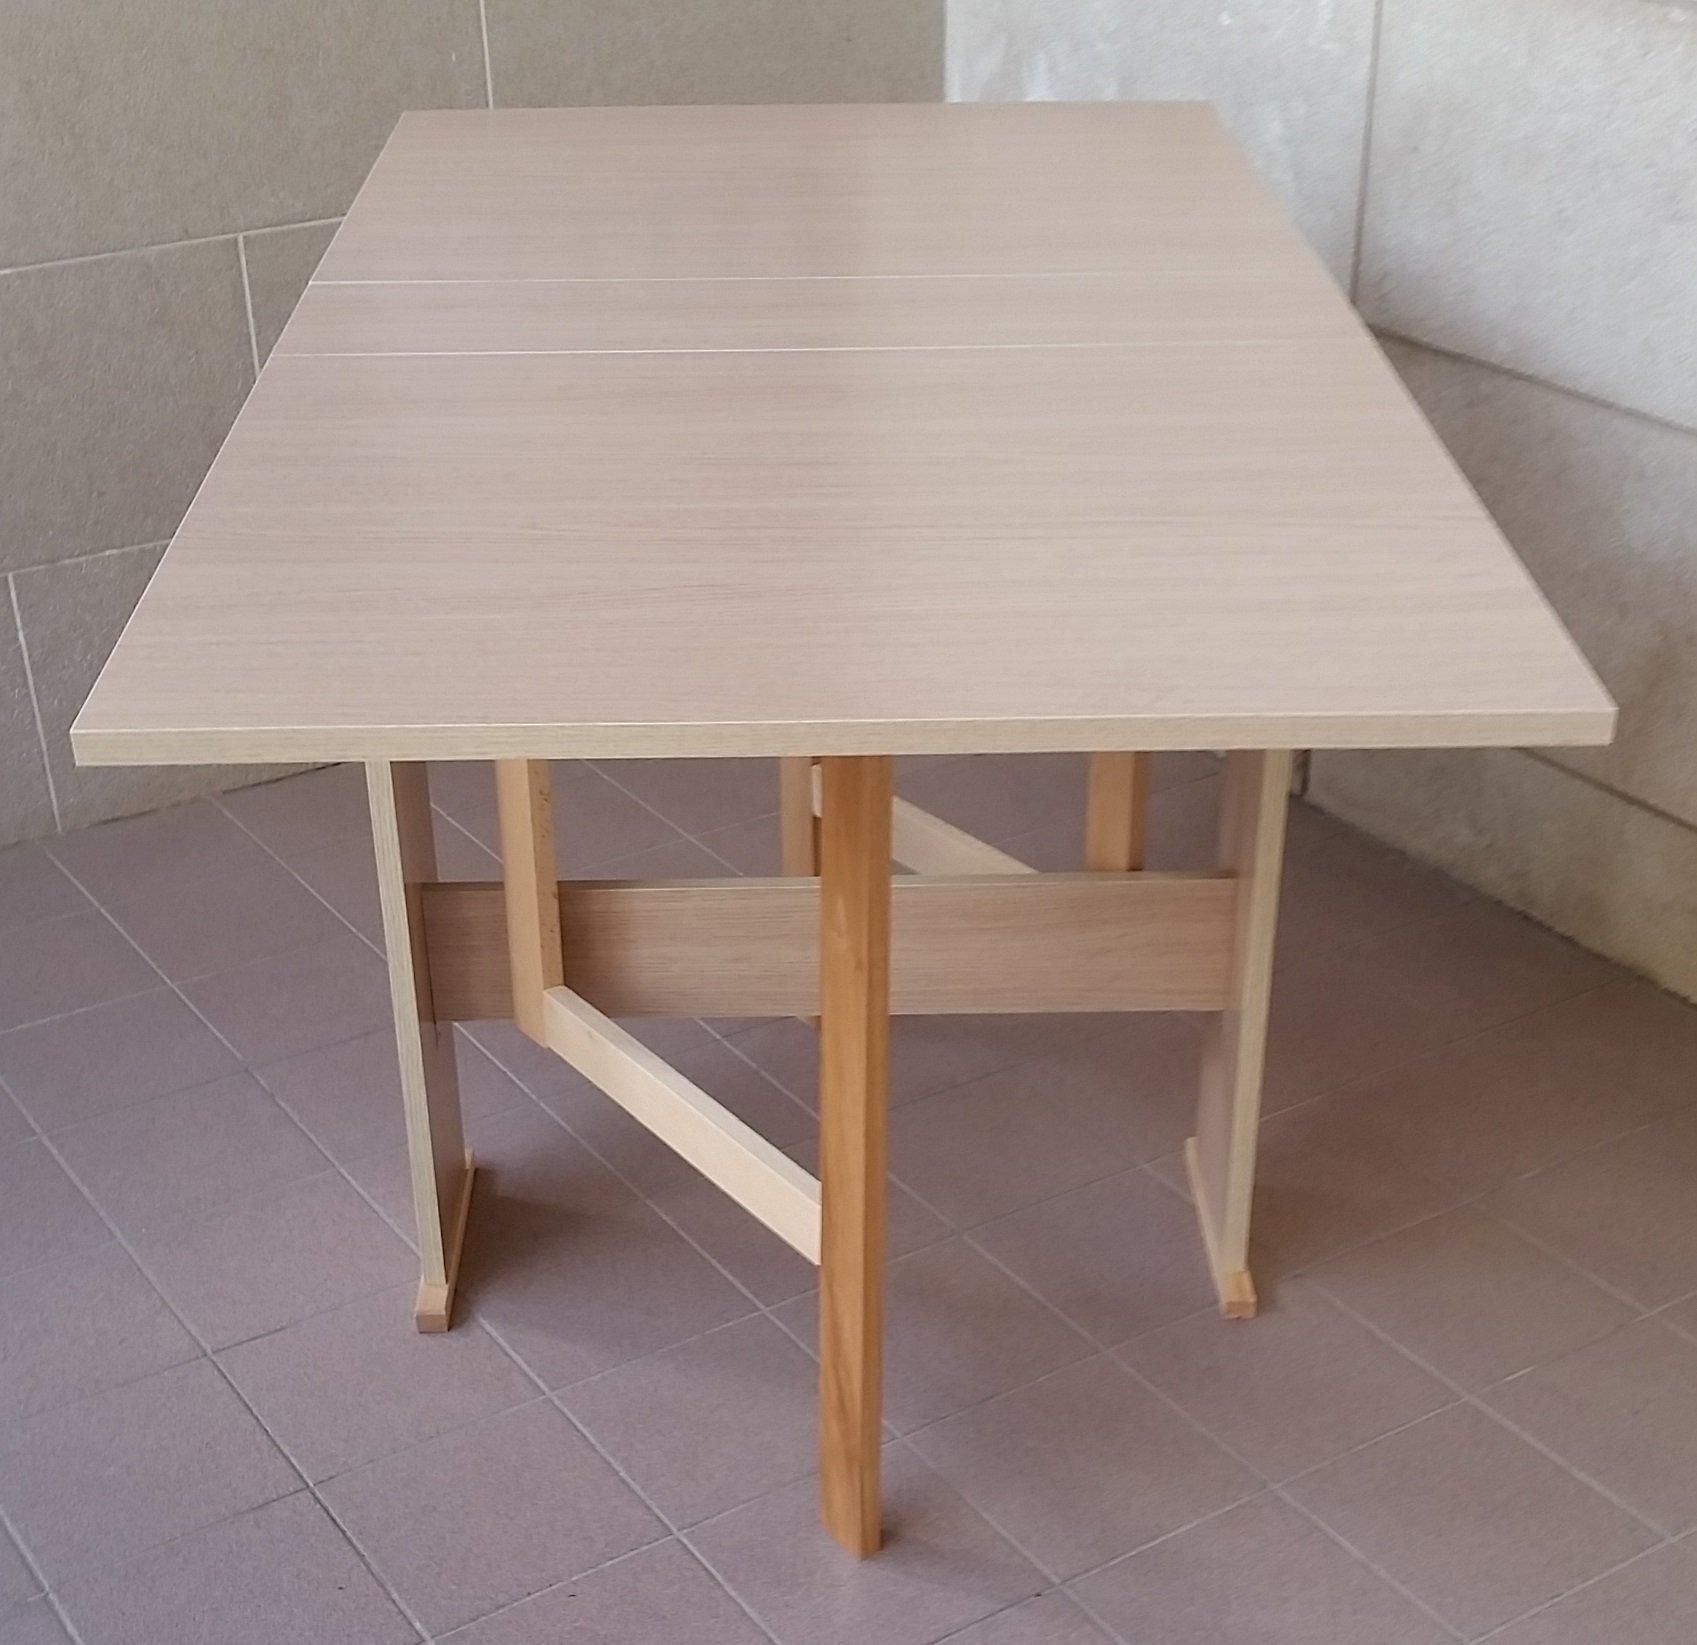 Frams tavolo susanna a consolle richiudibile rovere - Tavolo richiudibile ...